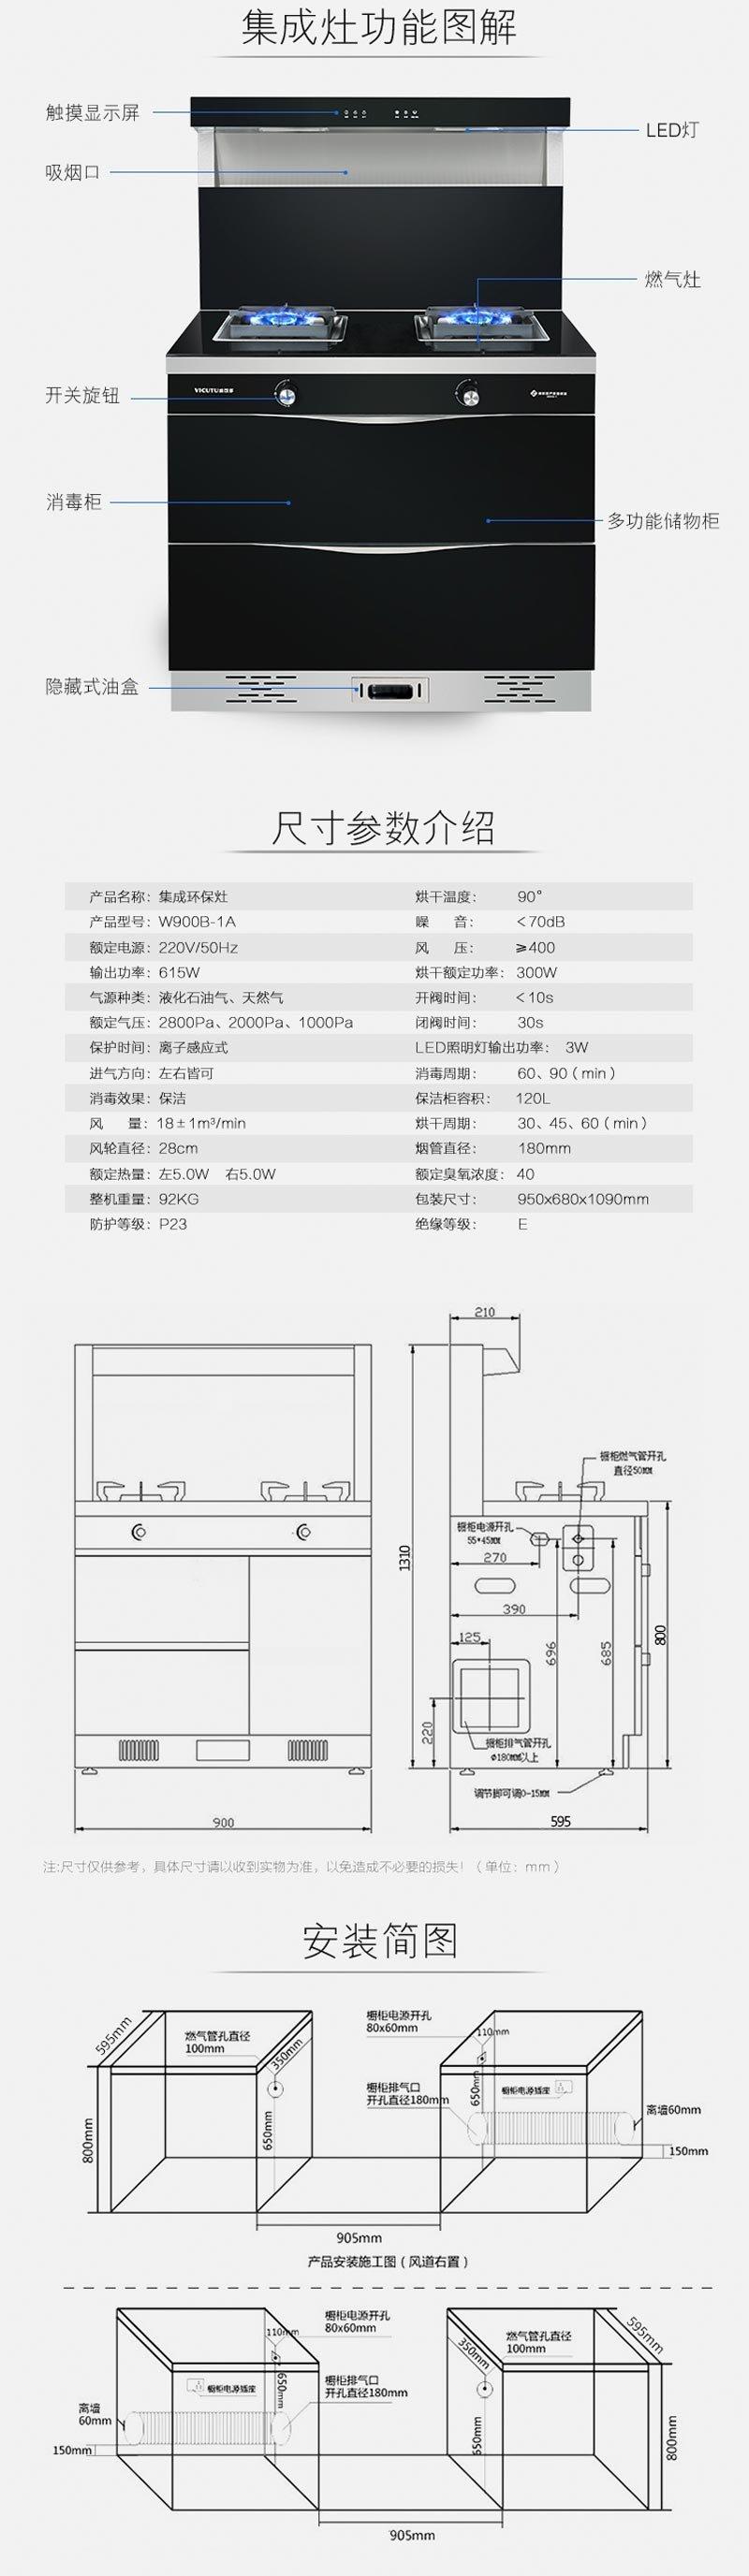 威可多集成灶 W900B-1A产品图片_11